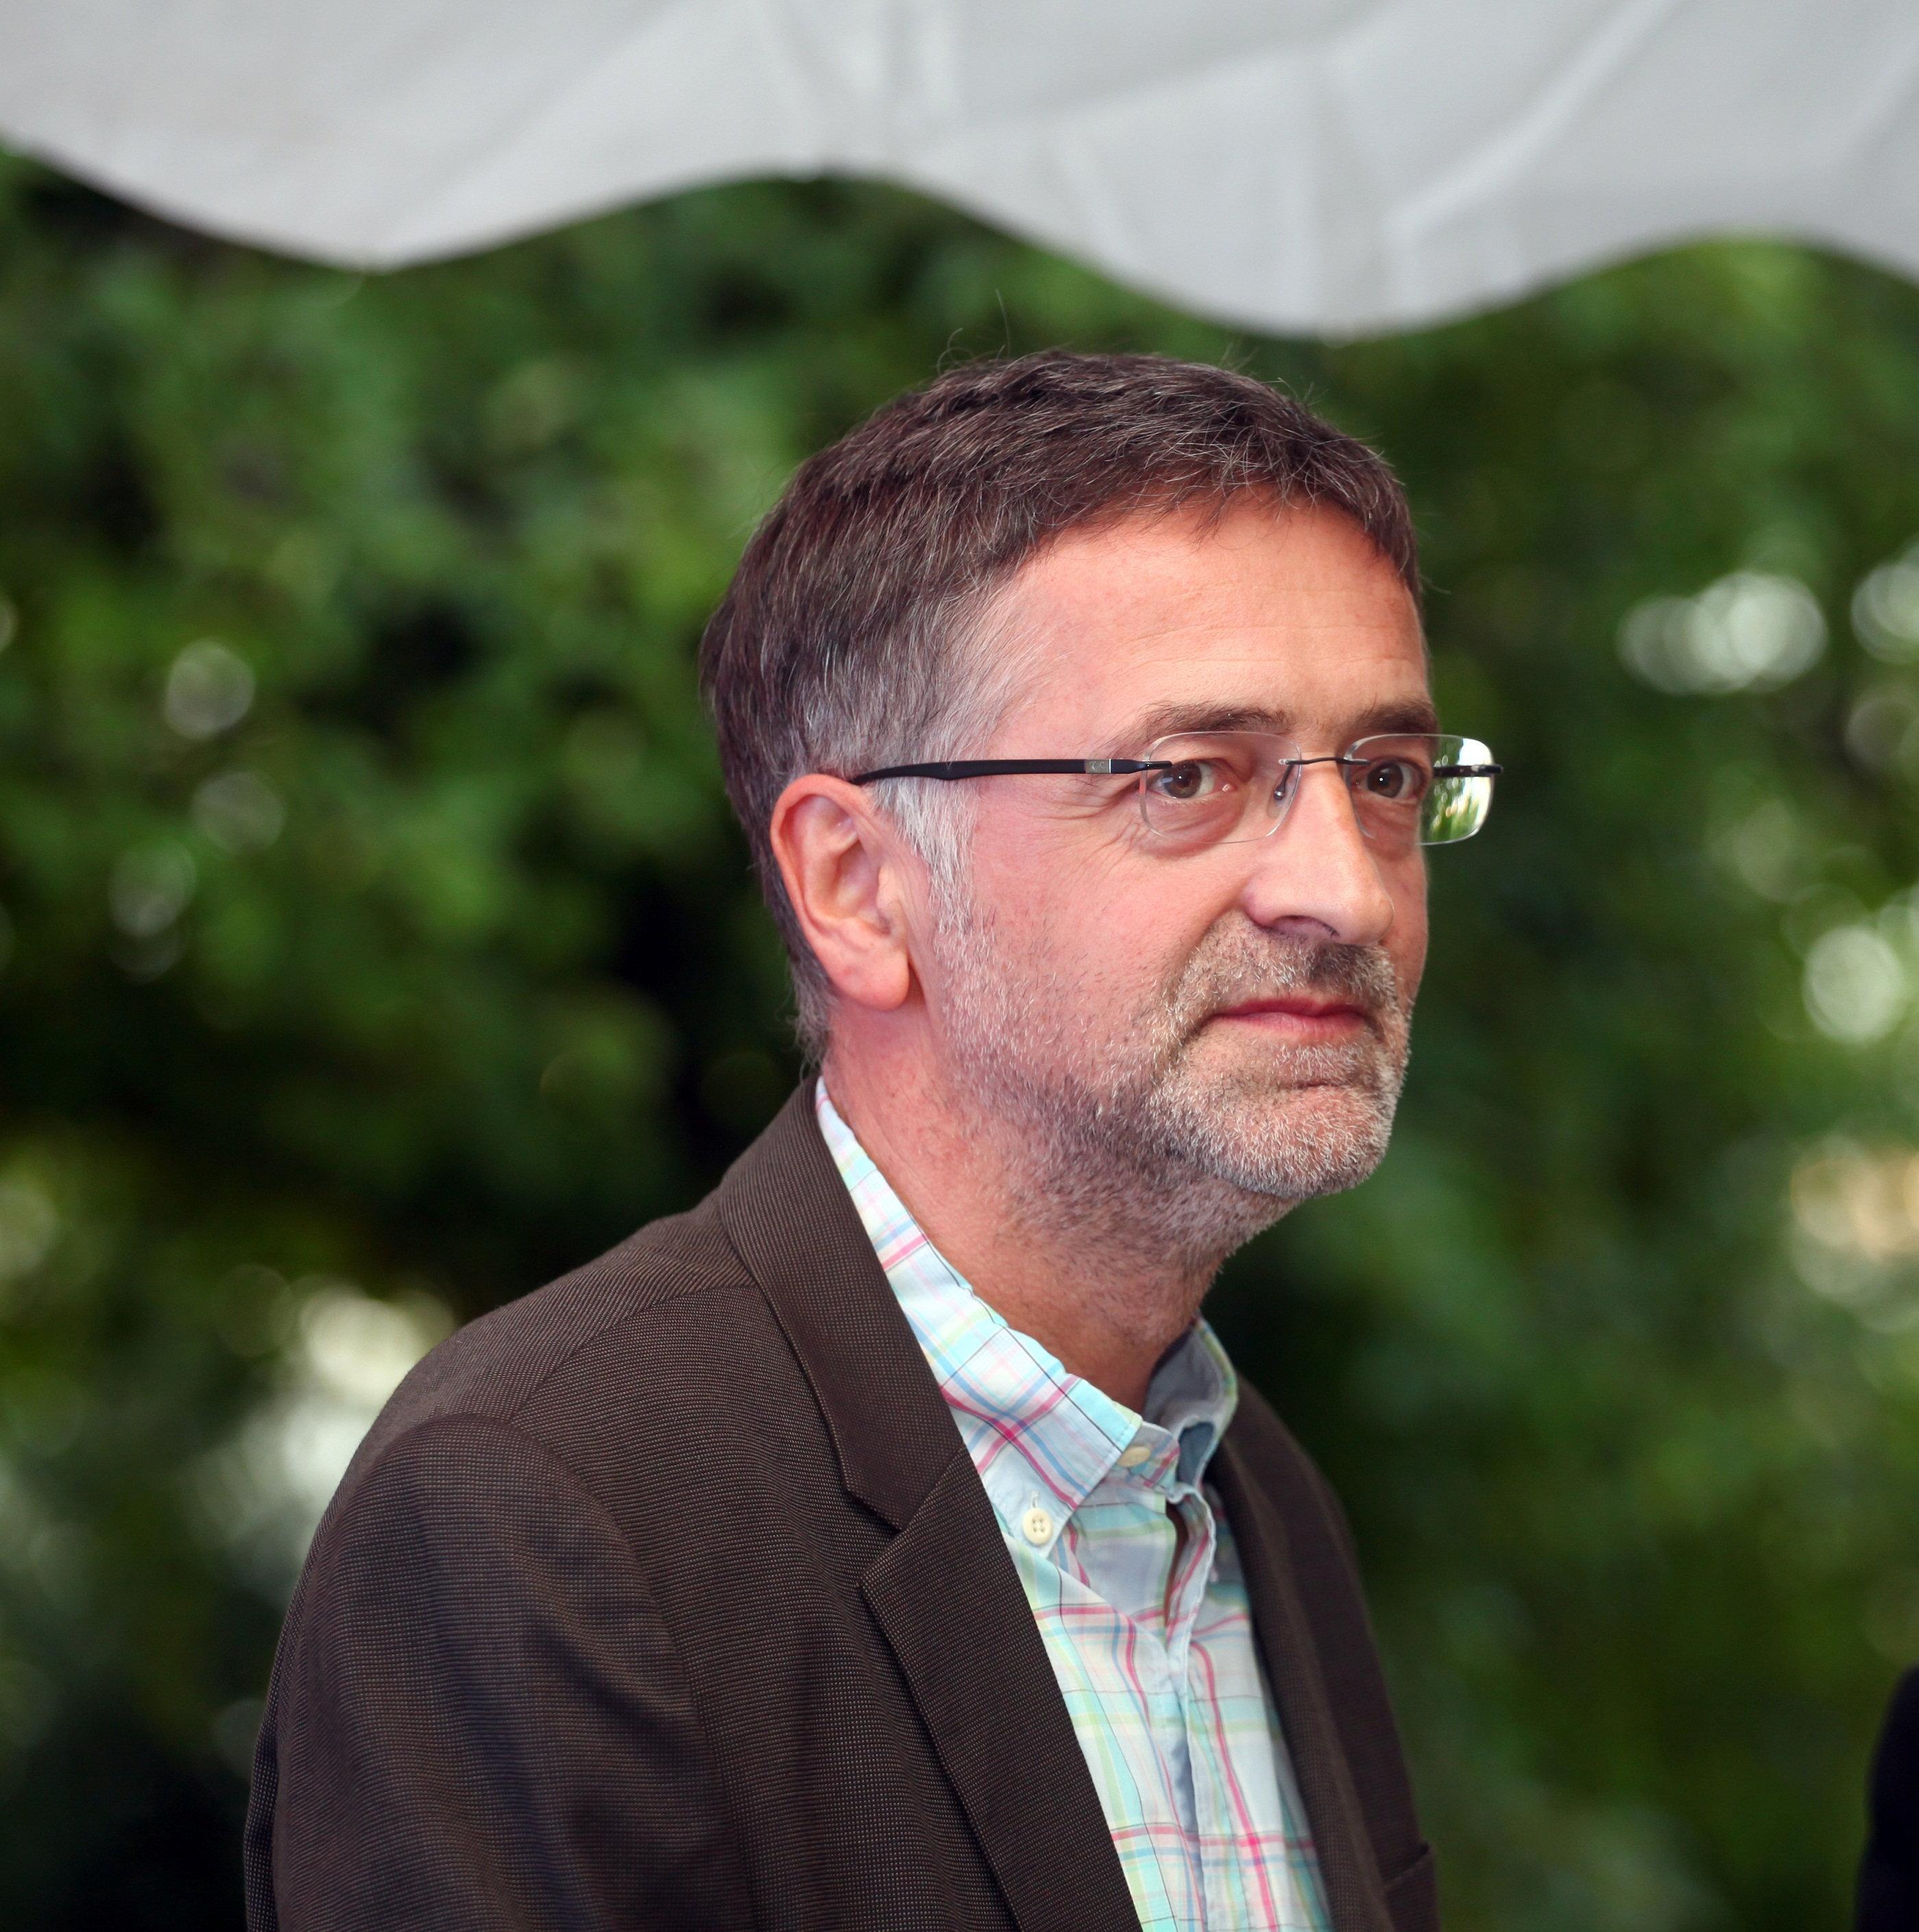 Profesor je na fakultetu: Zoran Cvijanović se retko pojavljuje u javnosti sa suprugom, pogledajte kako ona izgleda! FOTO